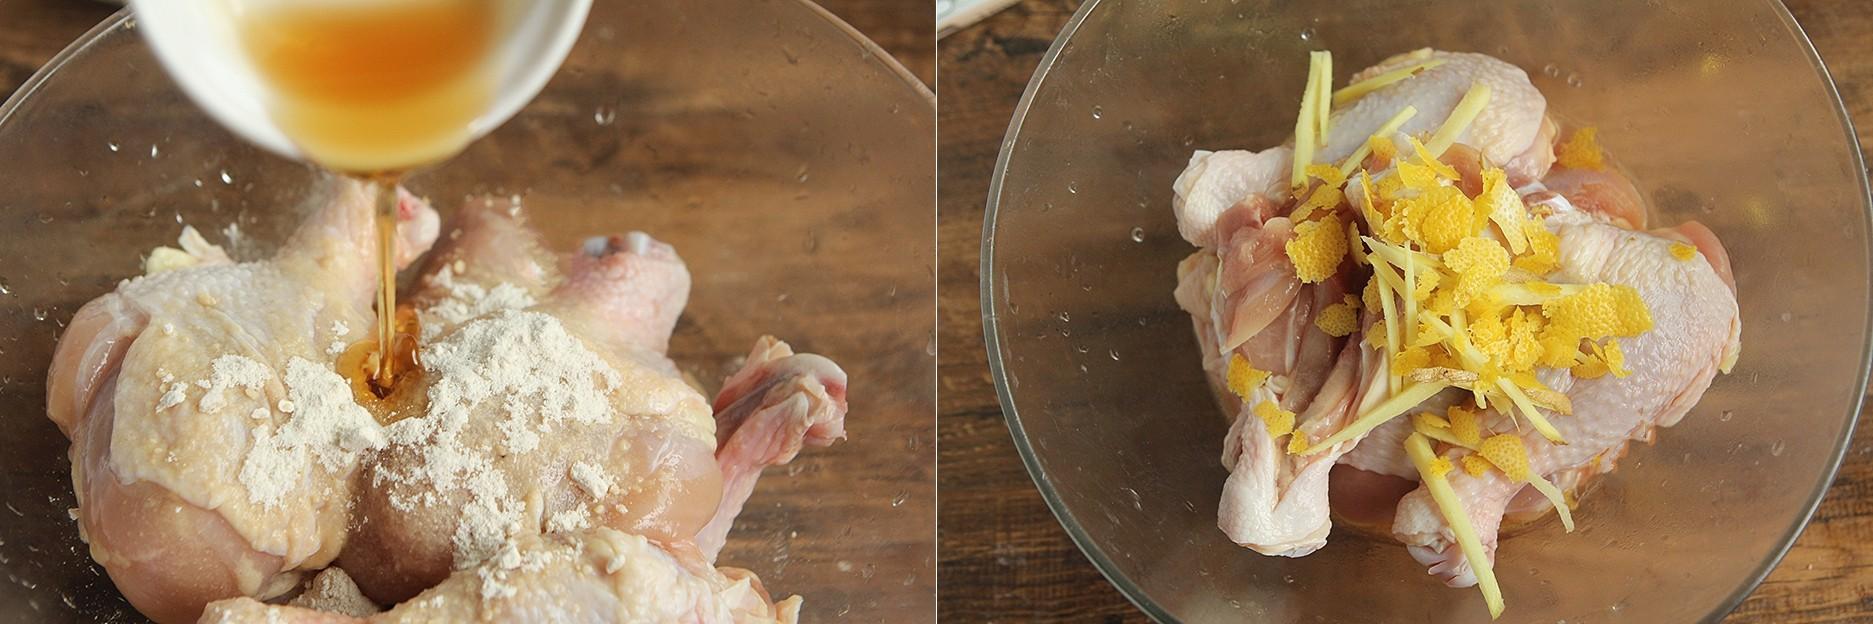 Chỉ dùng nồi cơm điện, tôi có món gà mới toanh ngon hết cỡ! - Ảnh 2